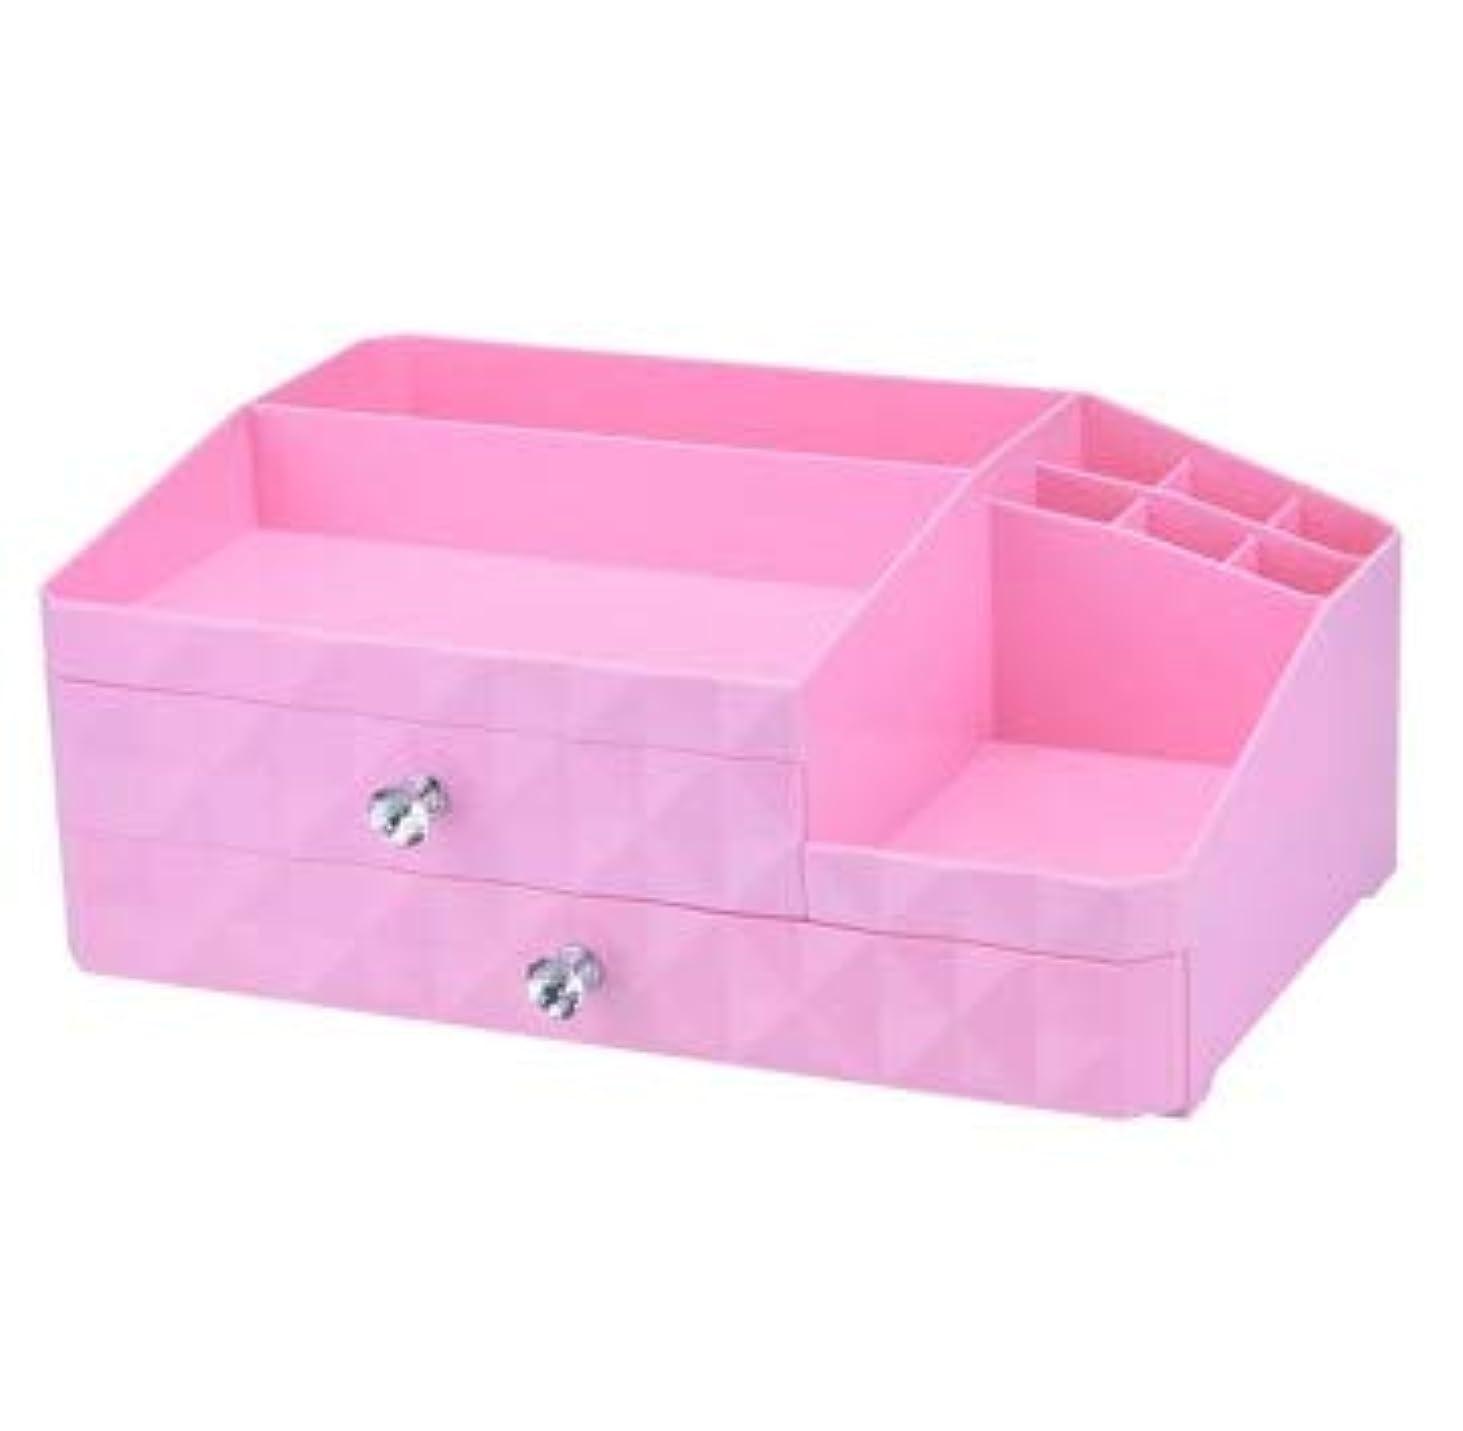 含める変装した開梱デスクトップジュエリーボックス引き出し化粧品収納ボックス三層プラスチック仕上げボックス (Color : ピンク)